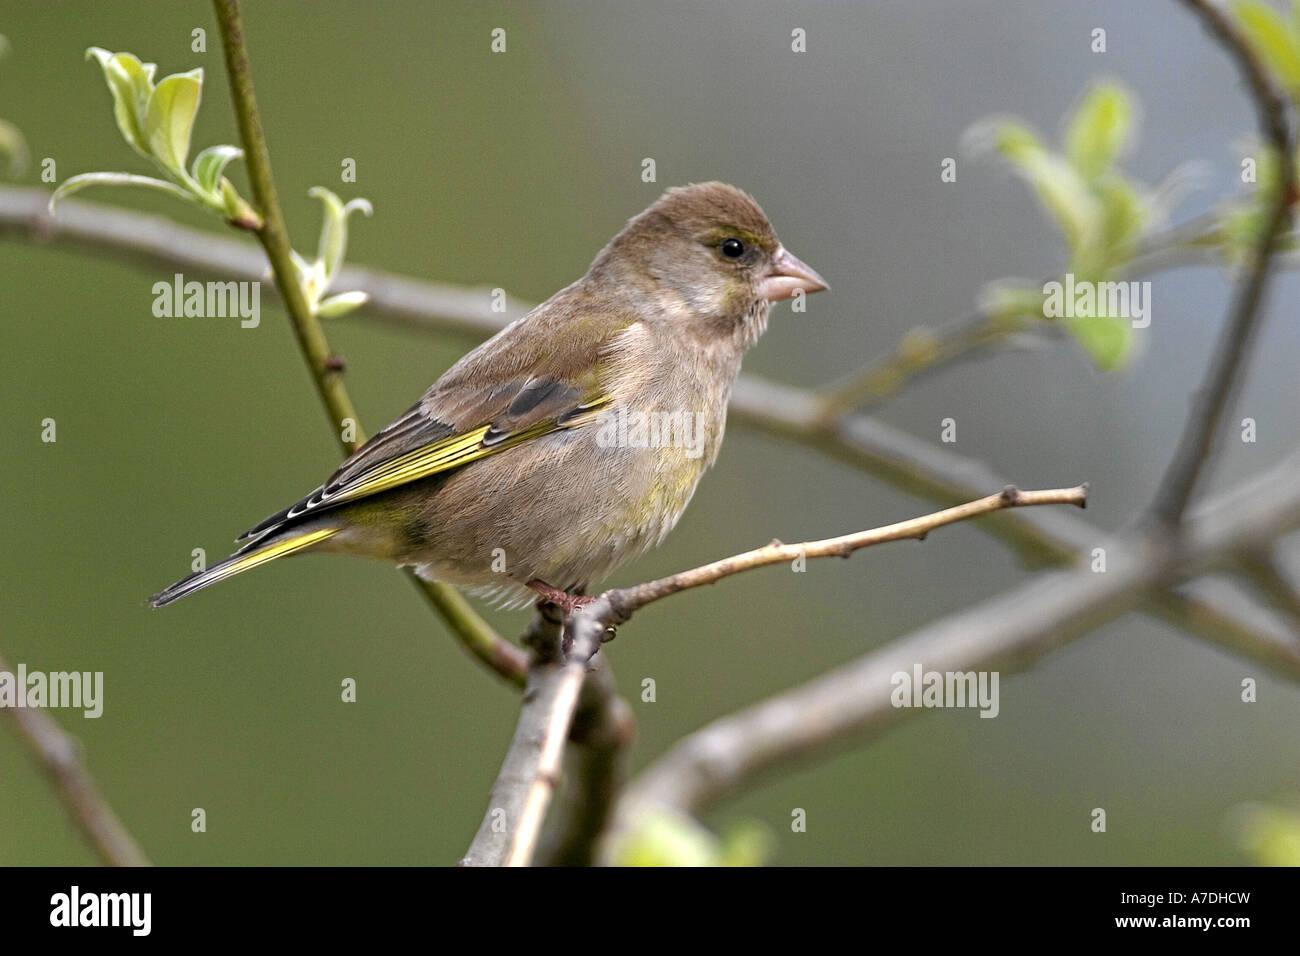 Grünfink Zuchtjahr Chloris Gruenfink Europa Europa Tiere Tiere